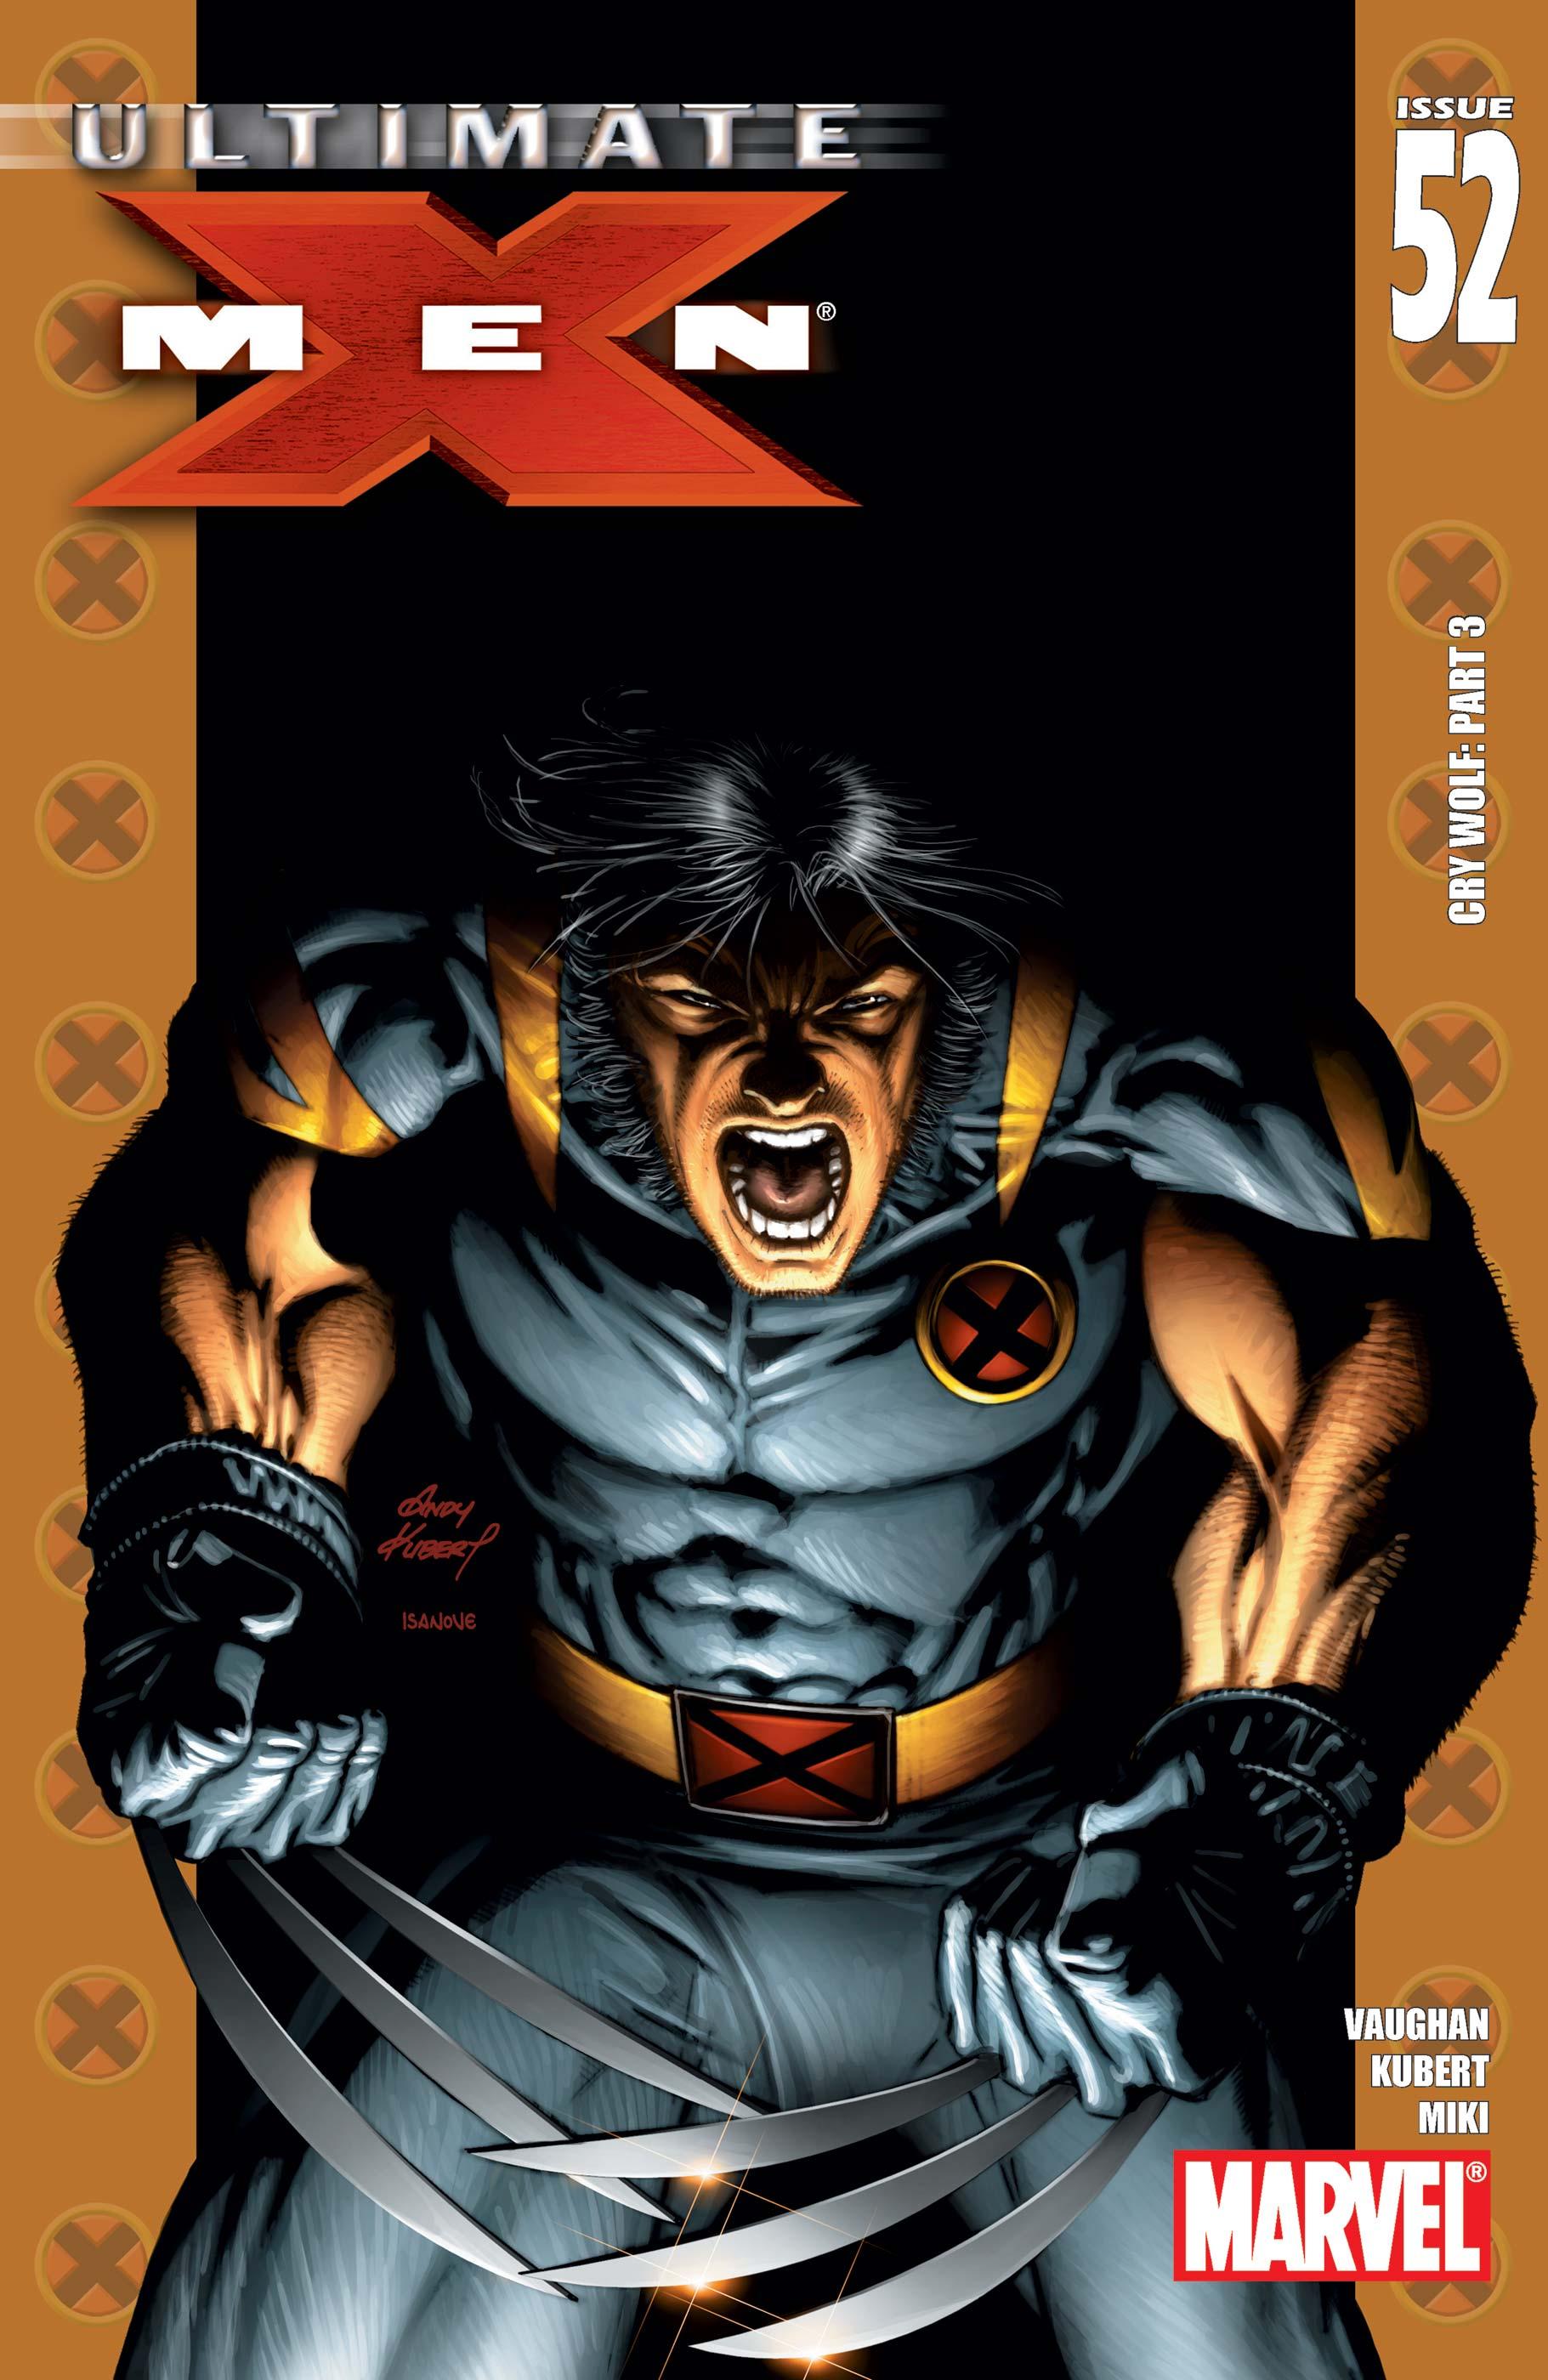 Ultimate X-Men (2000) #52